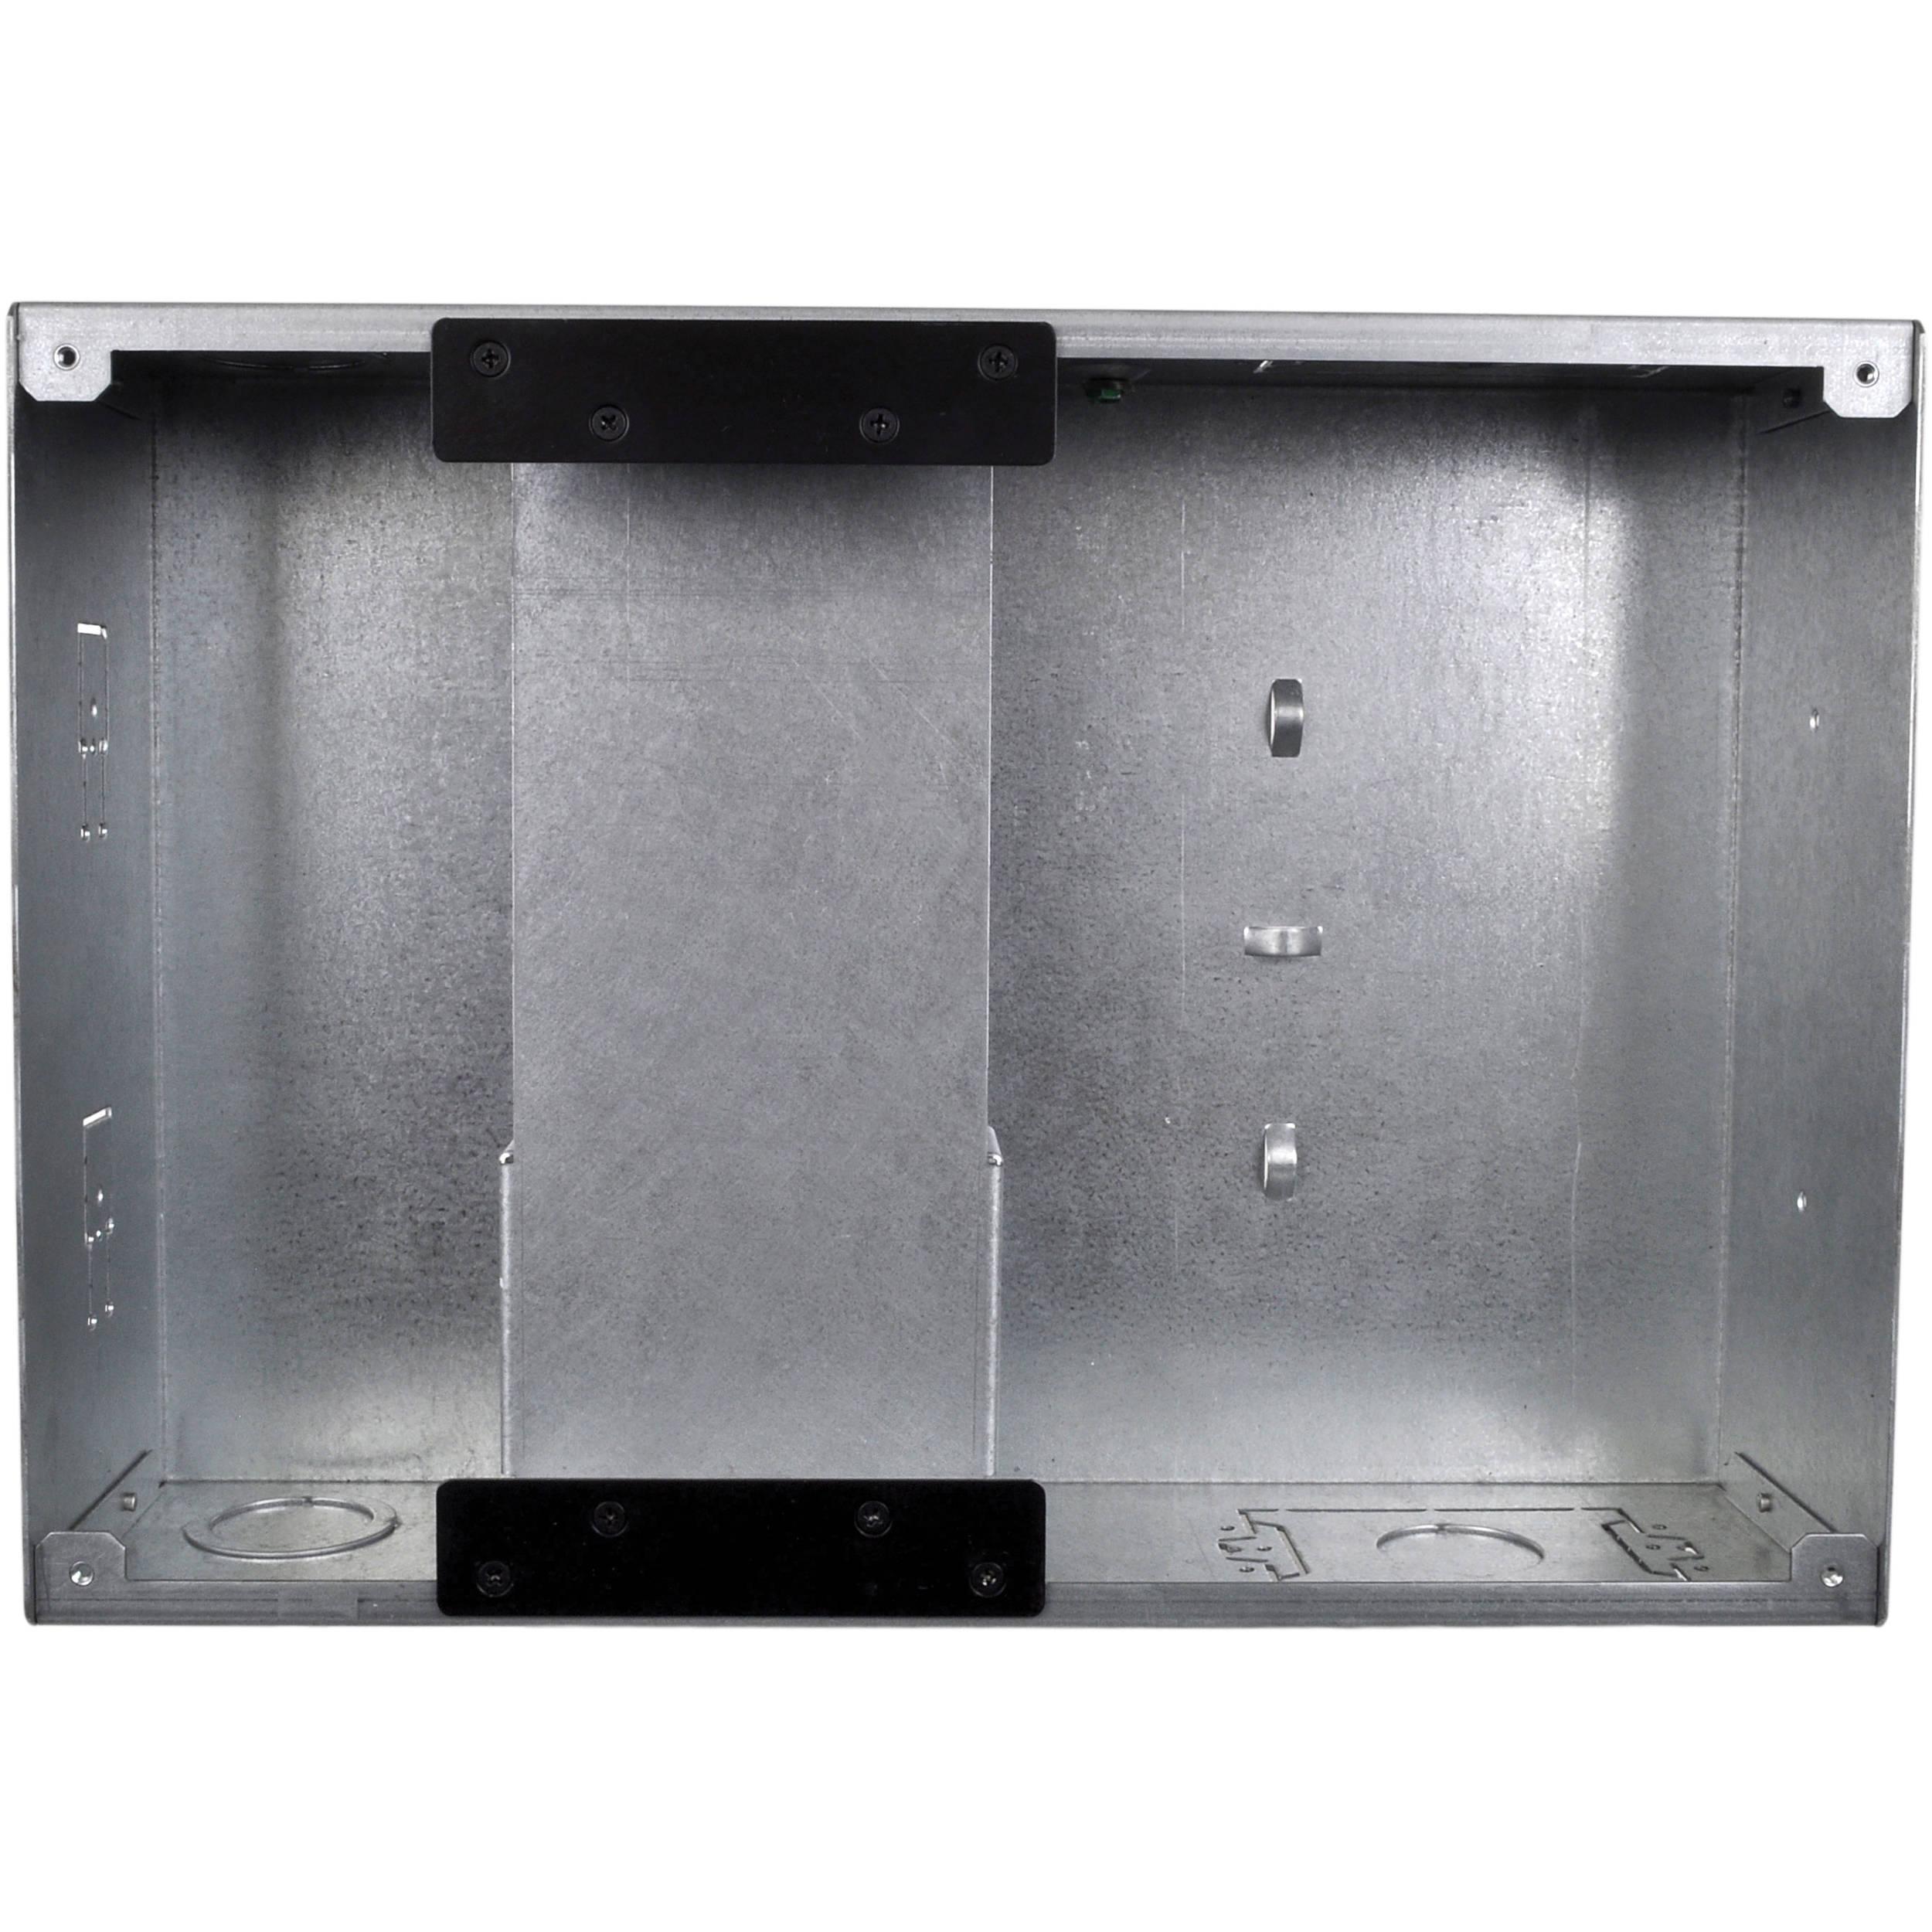 Https C Product 1208754 Reg Baja Designs Led Hid Universal Wiring Harness Splitter 2light 3pin Fsr Pwb 290 Amx Wht Display Wall Box 1108340